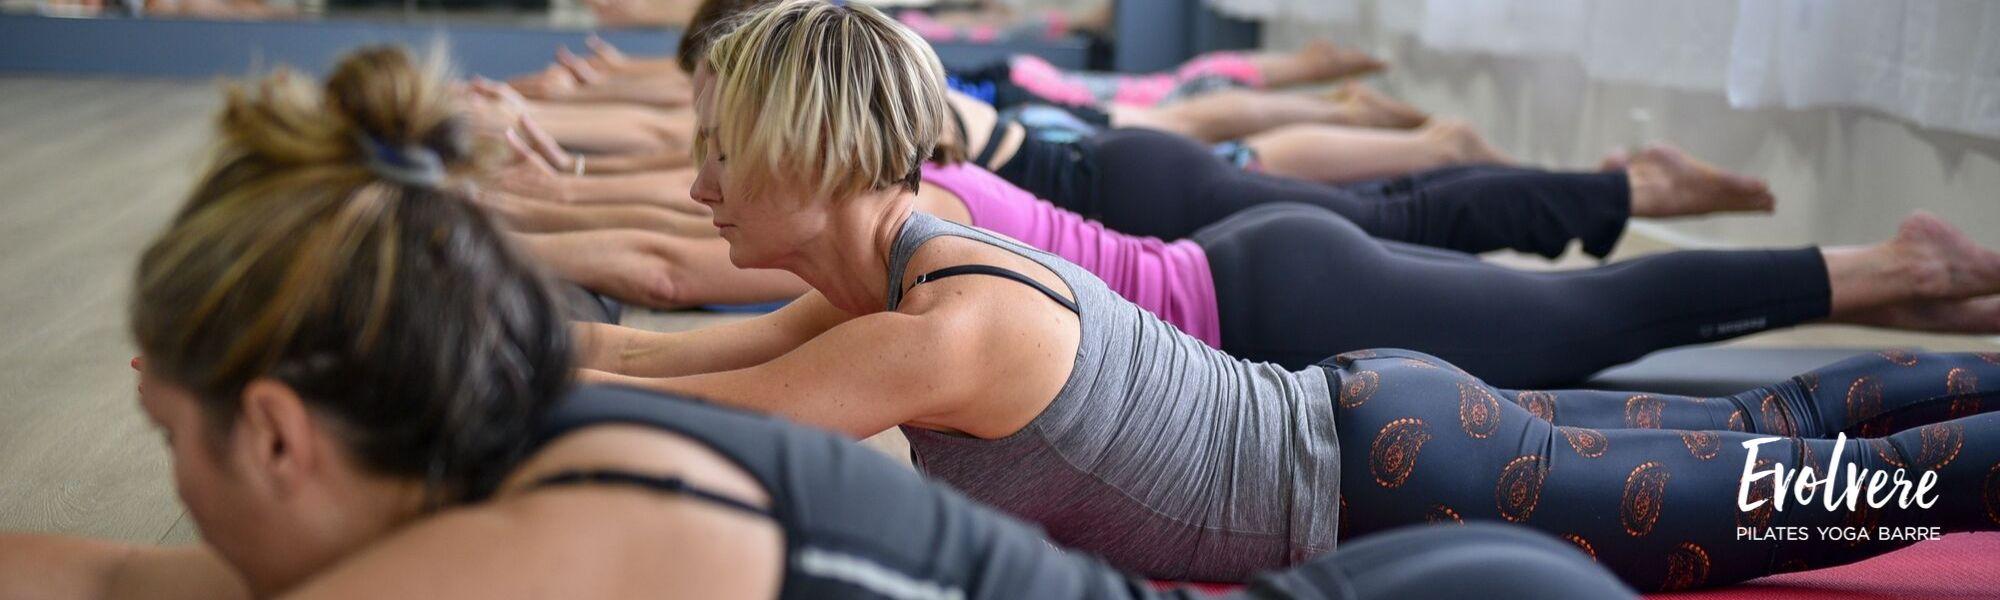 Barre classes in Lane Cove Sydney at Evolvere Pilates Yoga Barre boutique studio